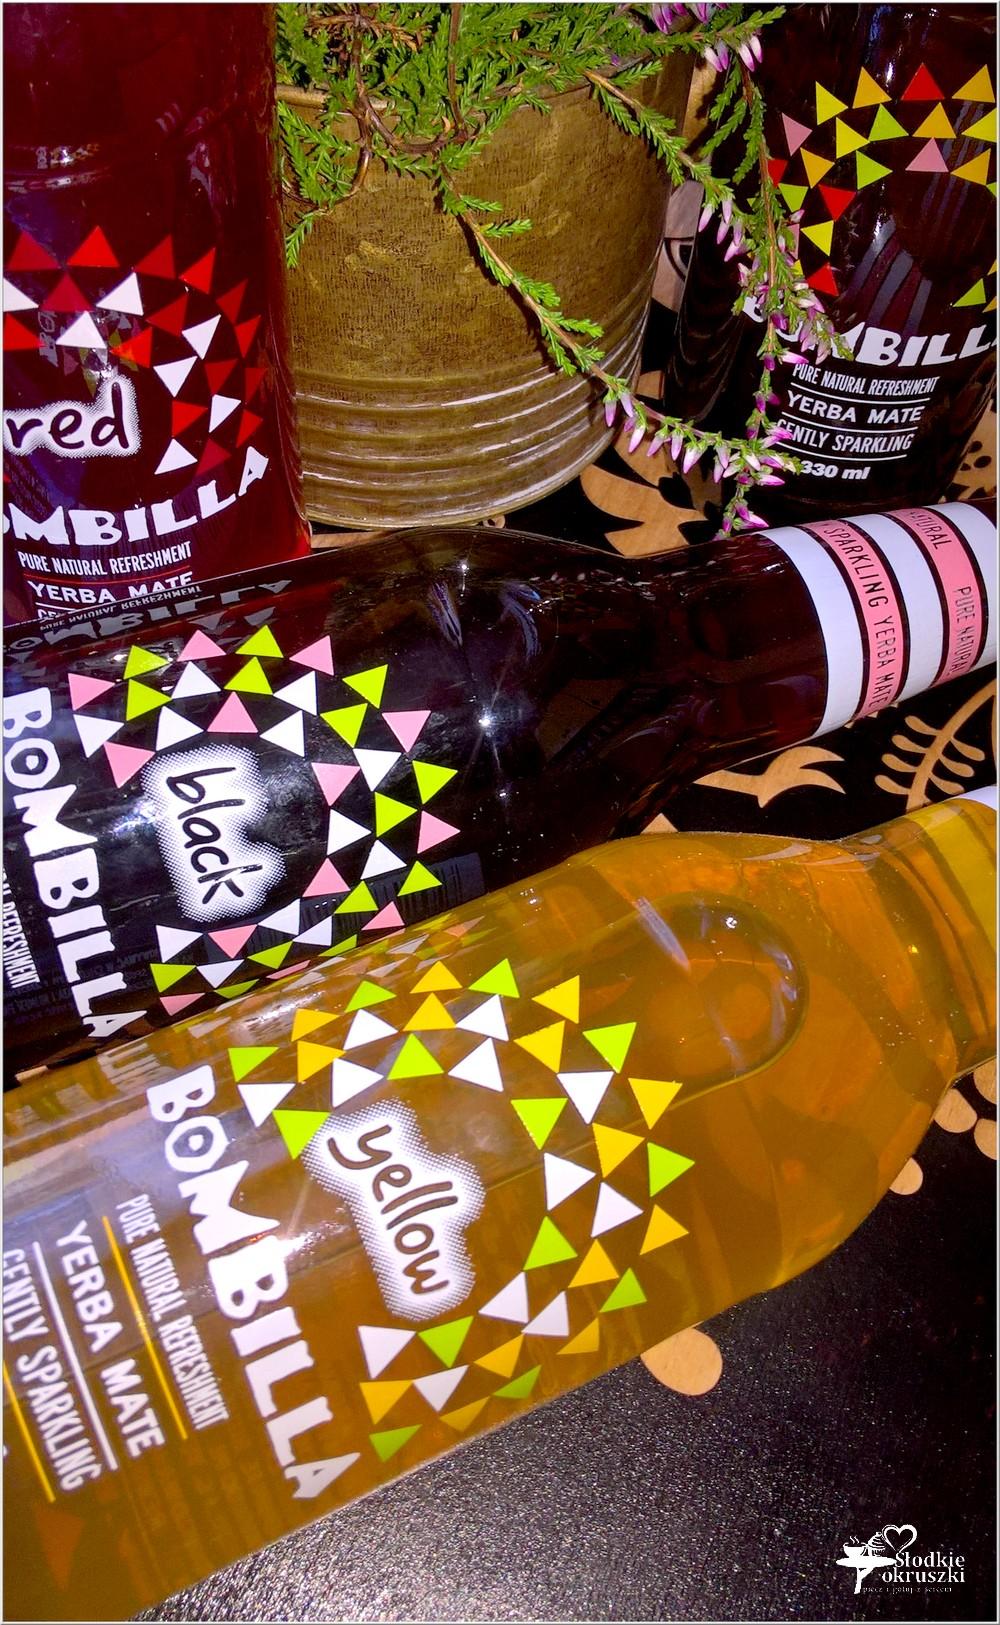 Bombilladrink - smak, wzmocnienie, rześkość. To więcej niż napój (2)